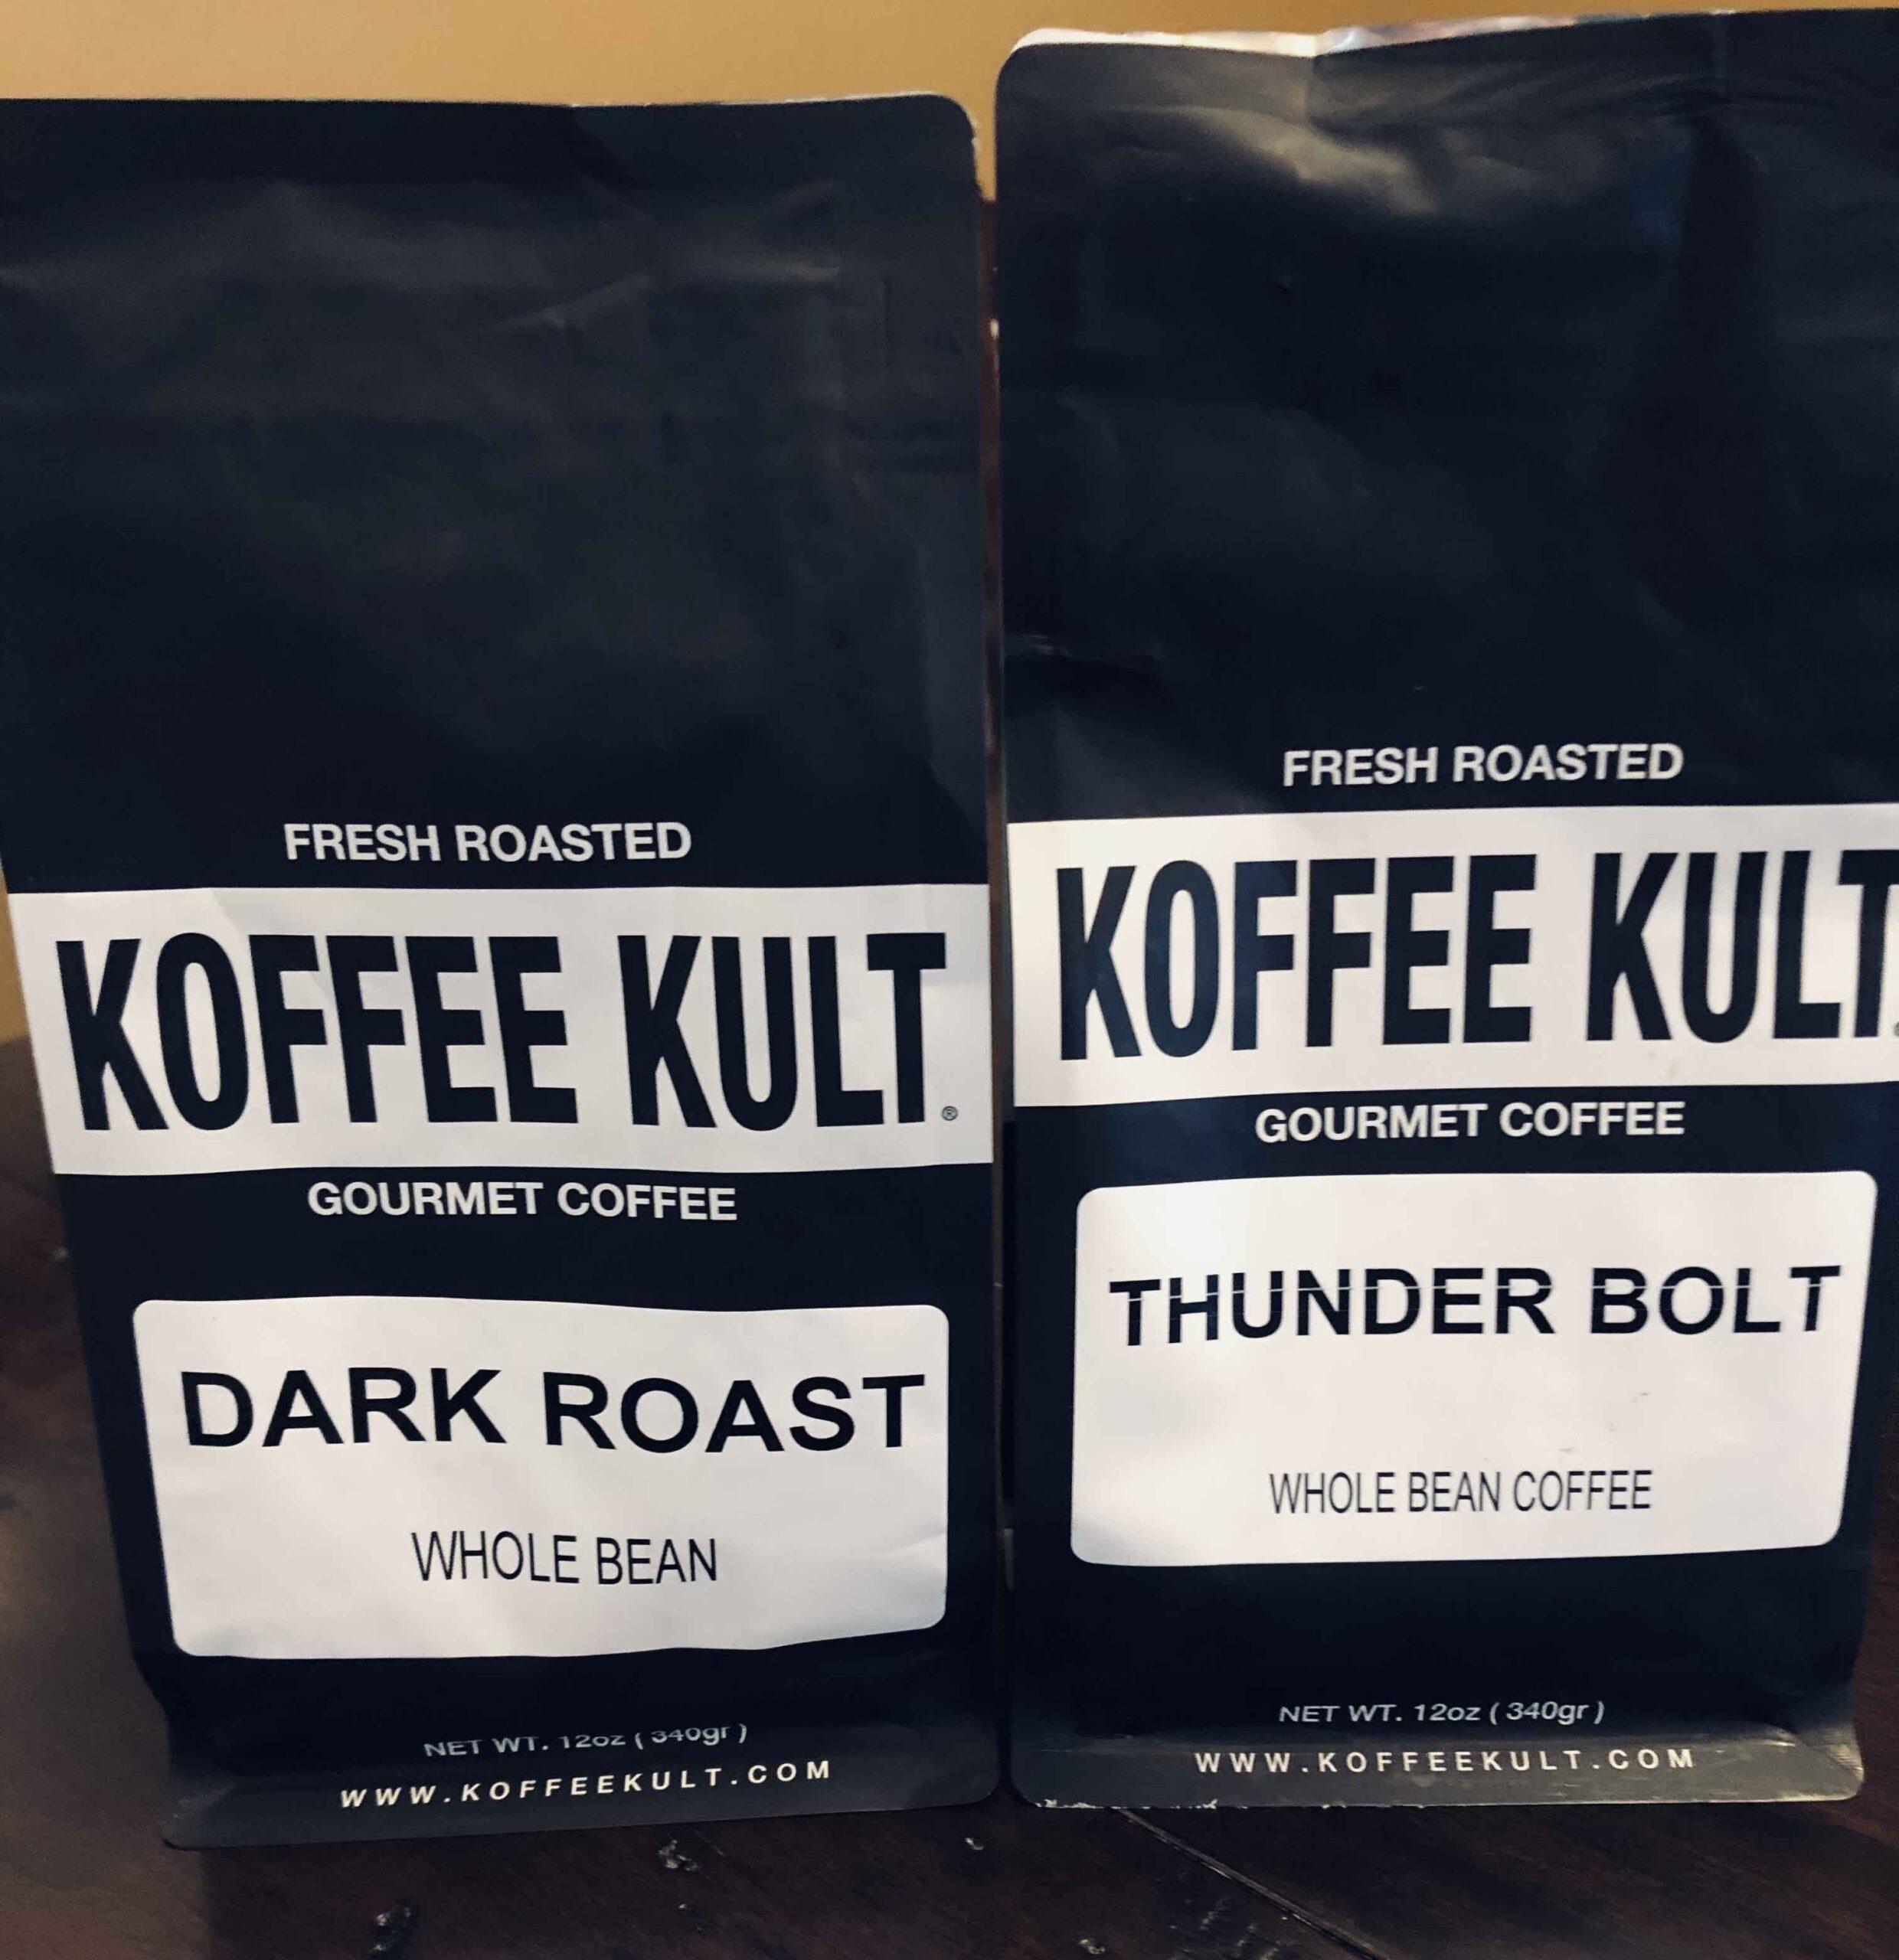 koffee kult dark roast vs thunderbolt